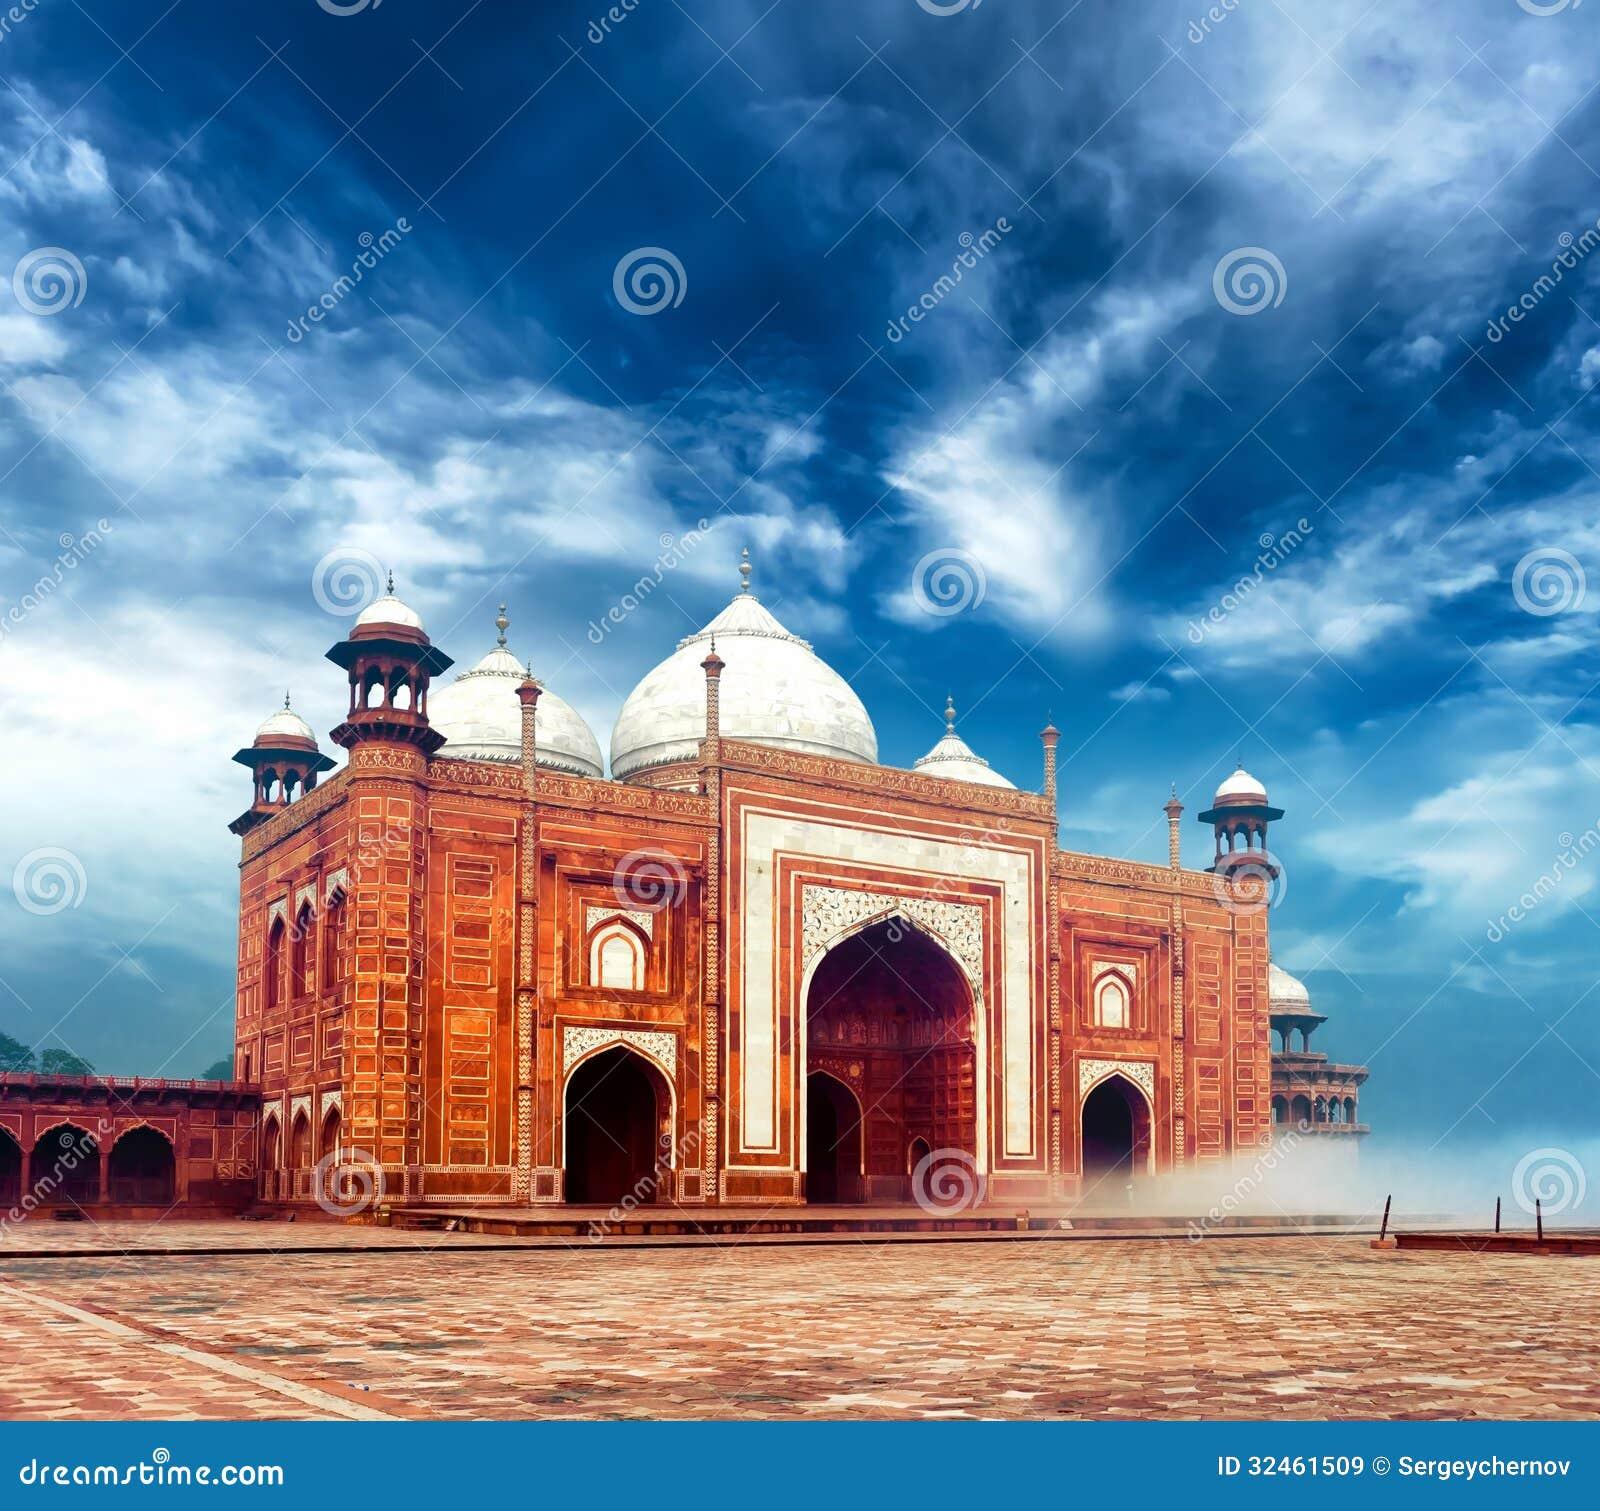 Masjidmoskee dichtbij Taj Mahal in India, Indisch paleis